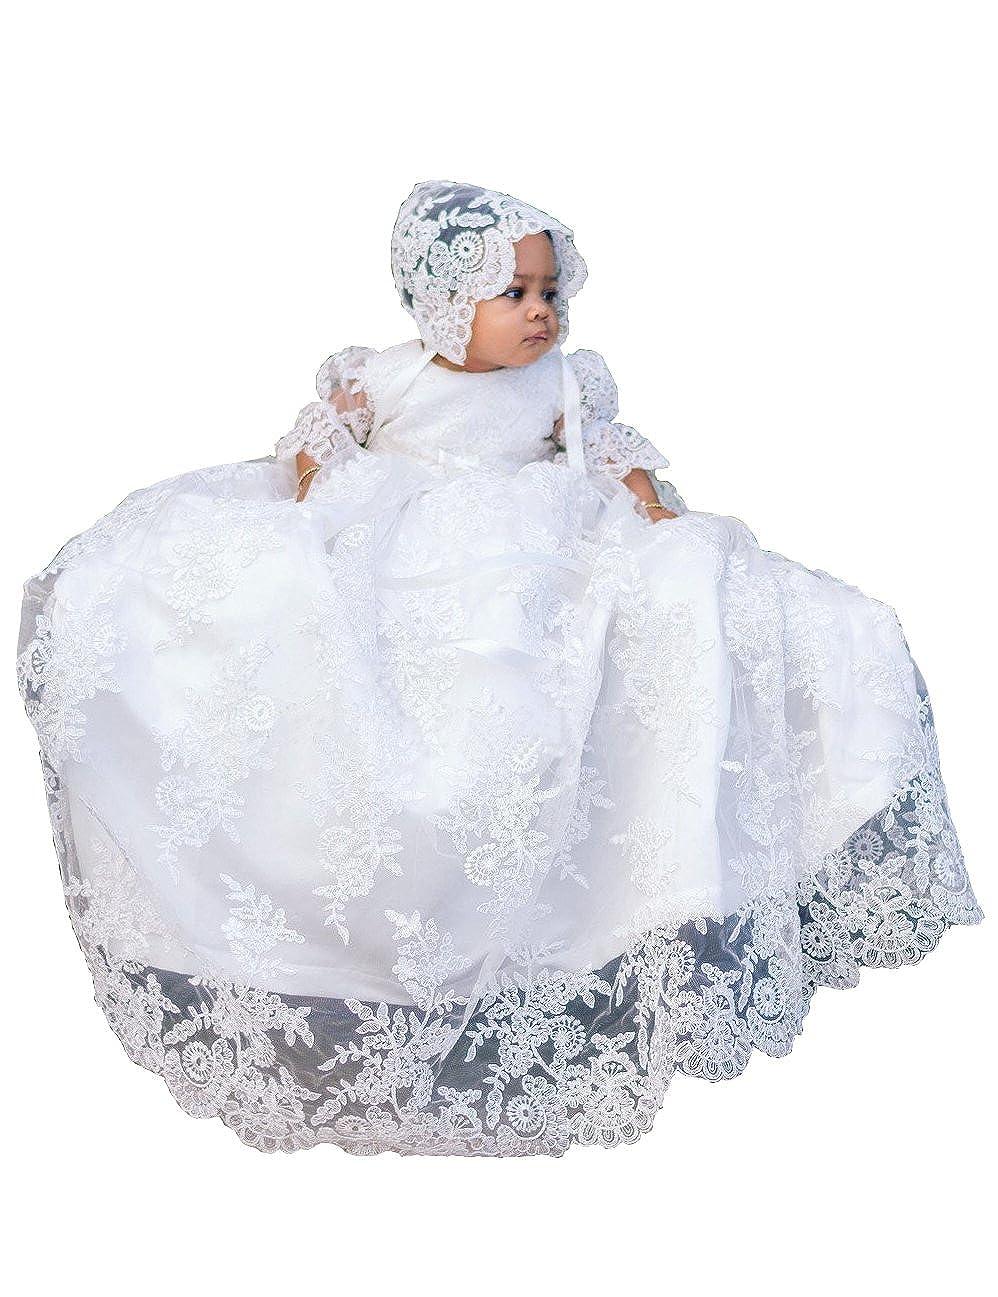 【お得】 BuyBro BuyBro DRESS Months ベビーガールズ 19-24 Months B07CWT21F1 ホワイト B07CWT21F1, ふるーつかんぱにー:85ce12e4 --- a0267596.xsph.ru